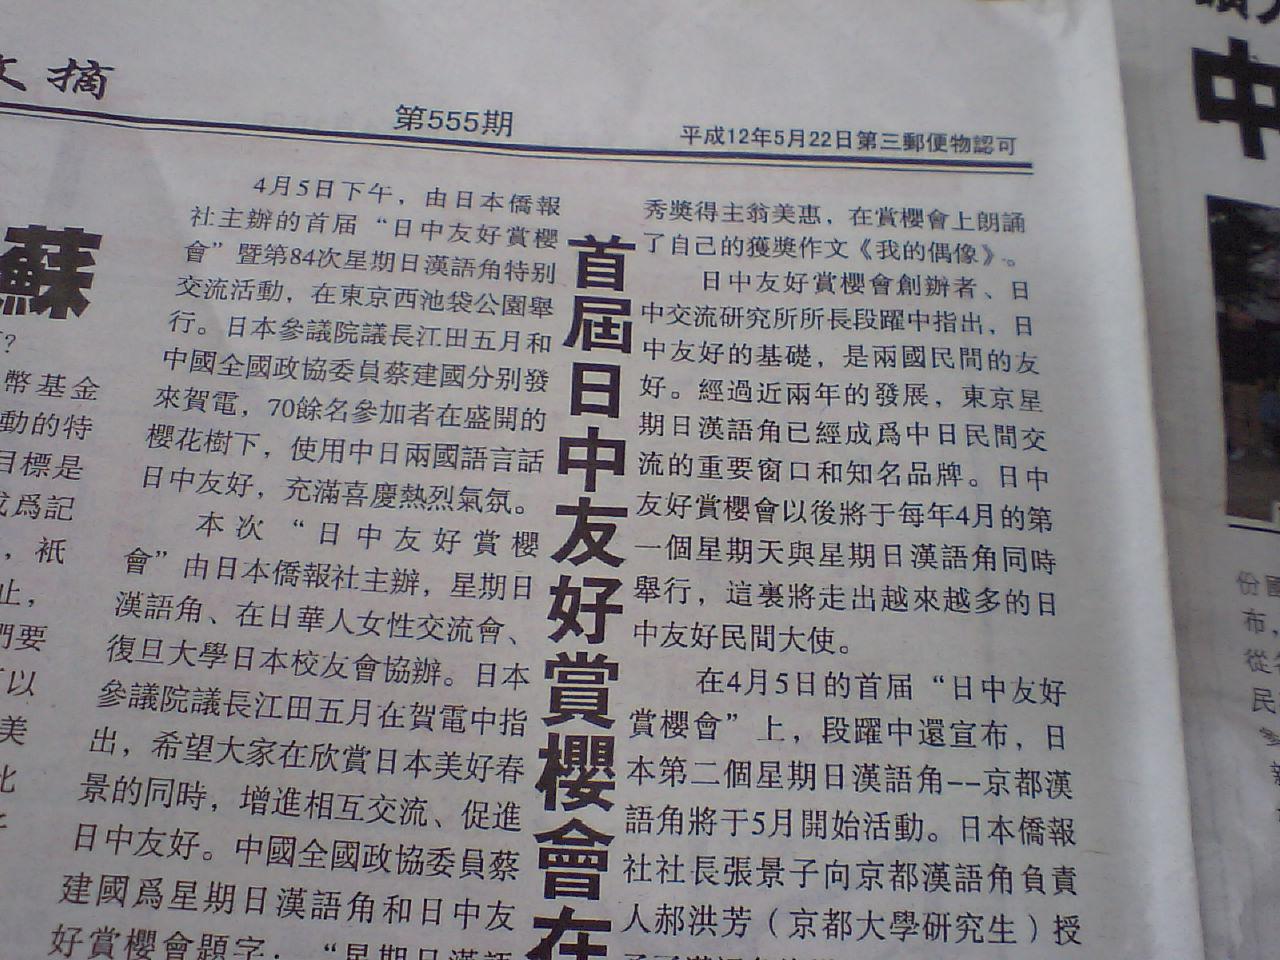 半月文摘 第一回日中友好 桜を見る会を大きく報道_d0027795_10431163.jpg